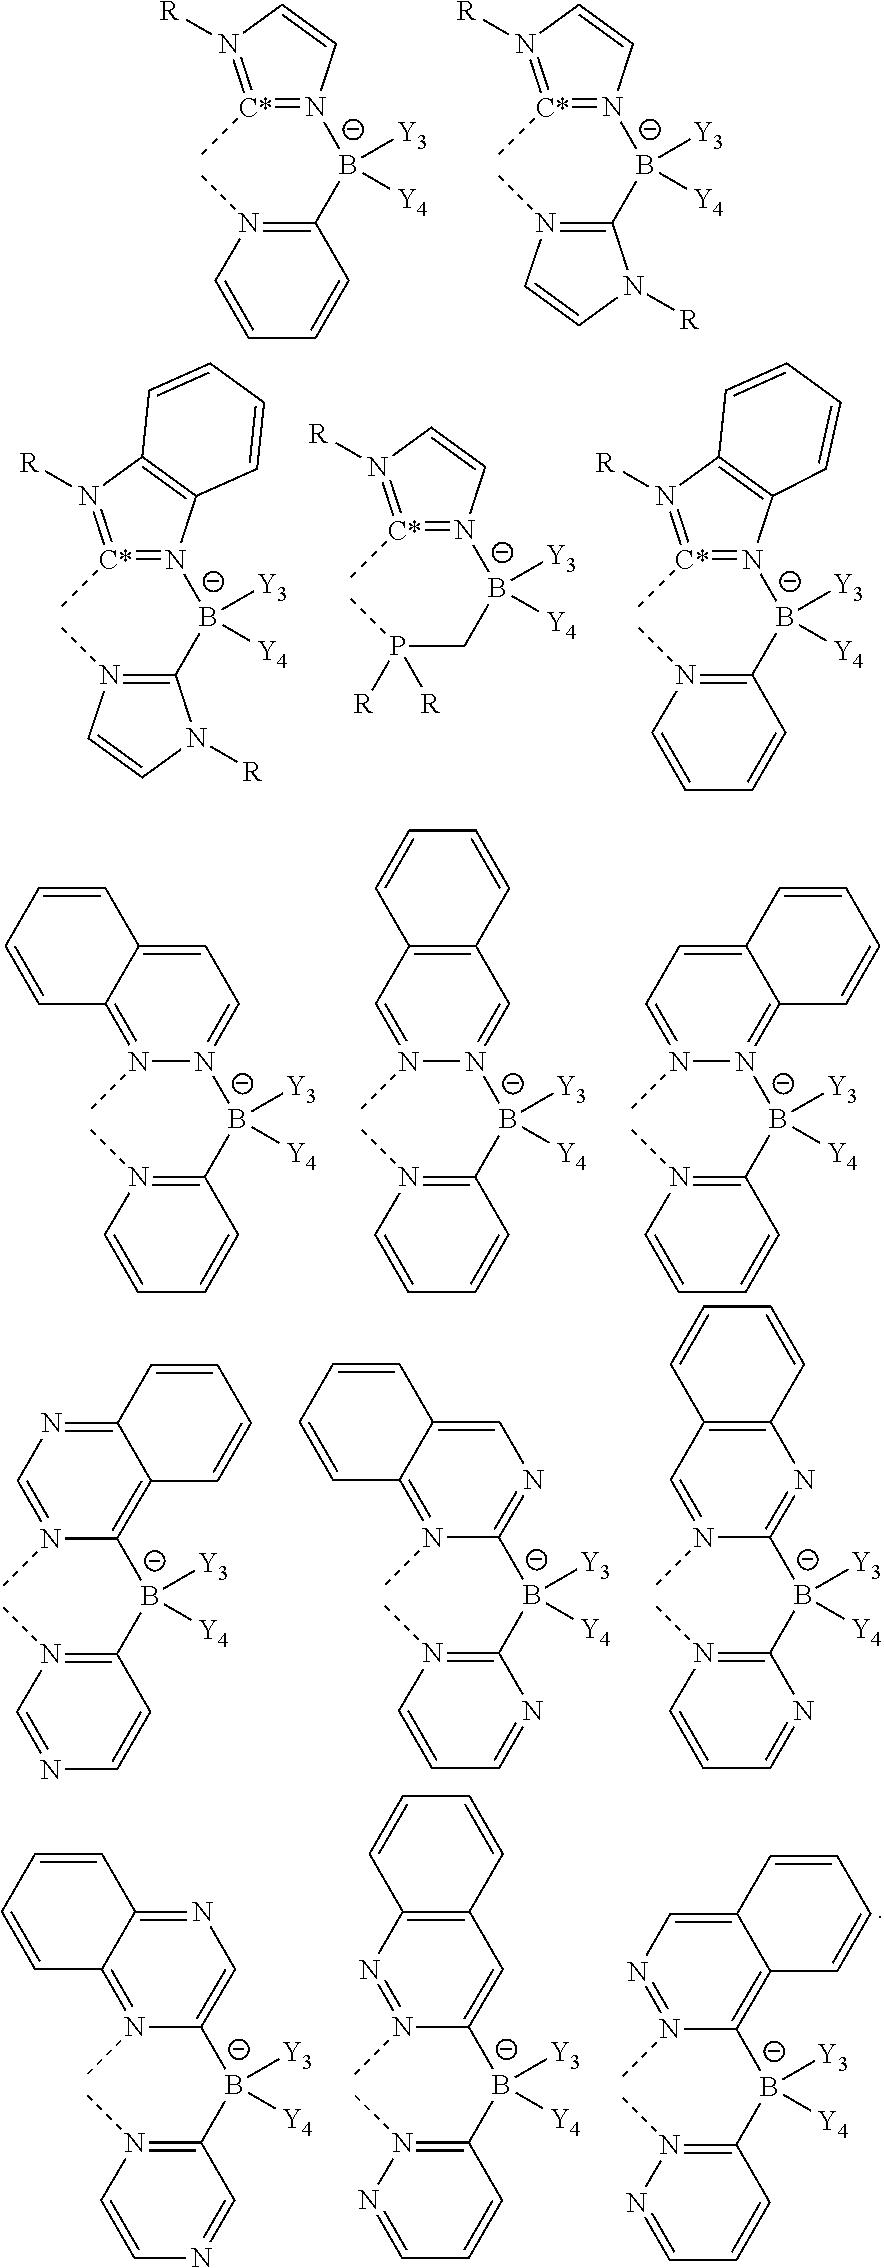 Figure US09773986-20170926-C00017